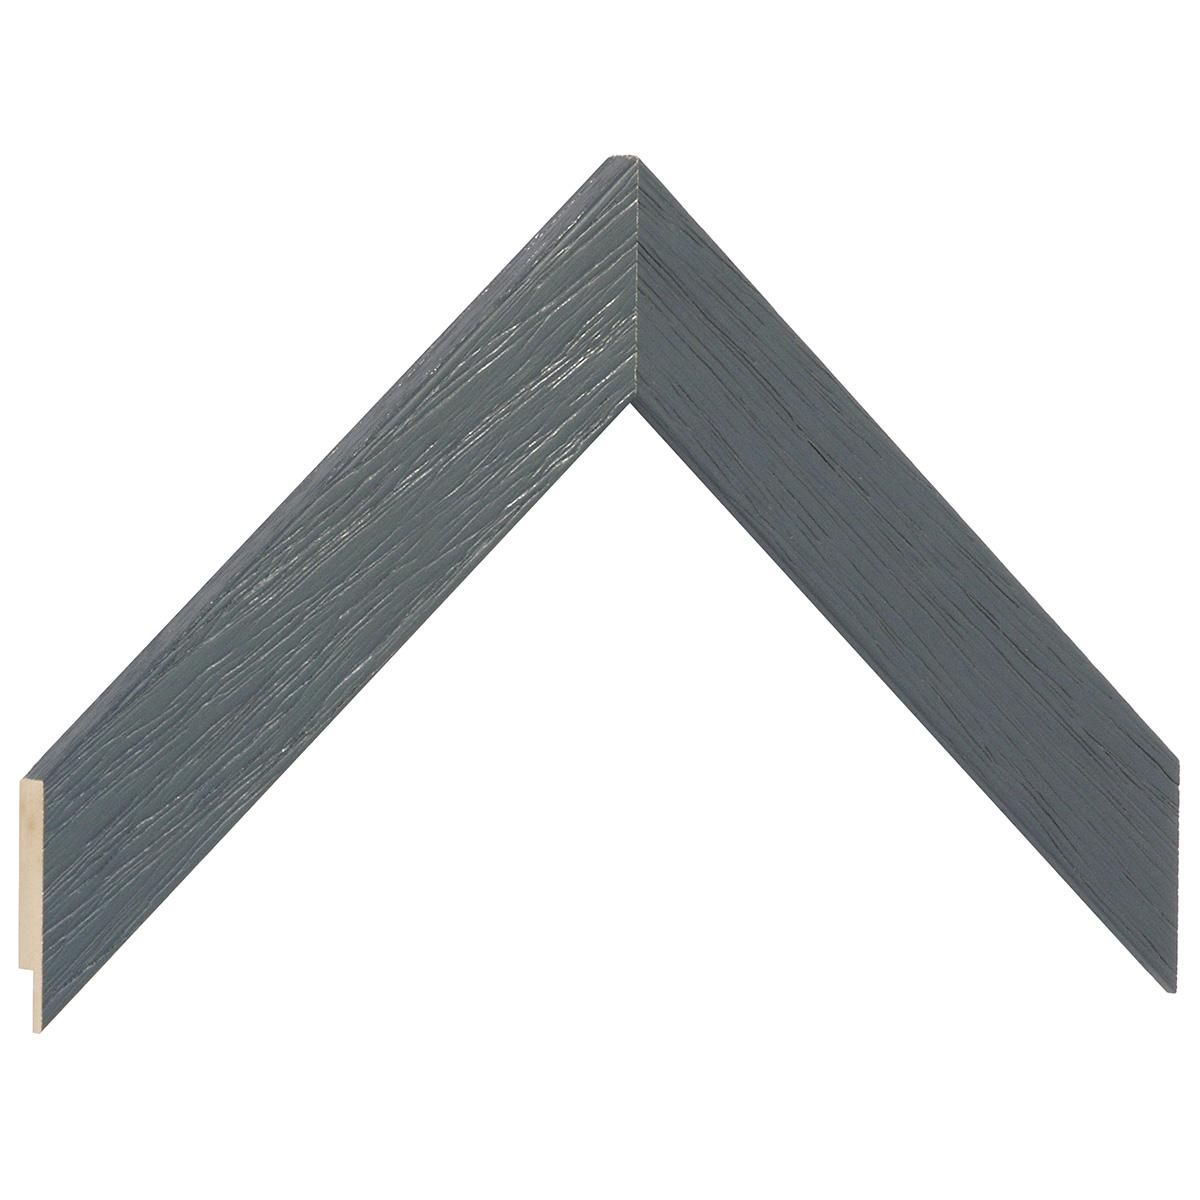 Moulding ayous, width 30mm height 14 - grey, open grain